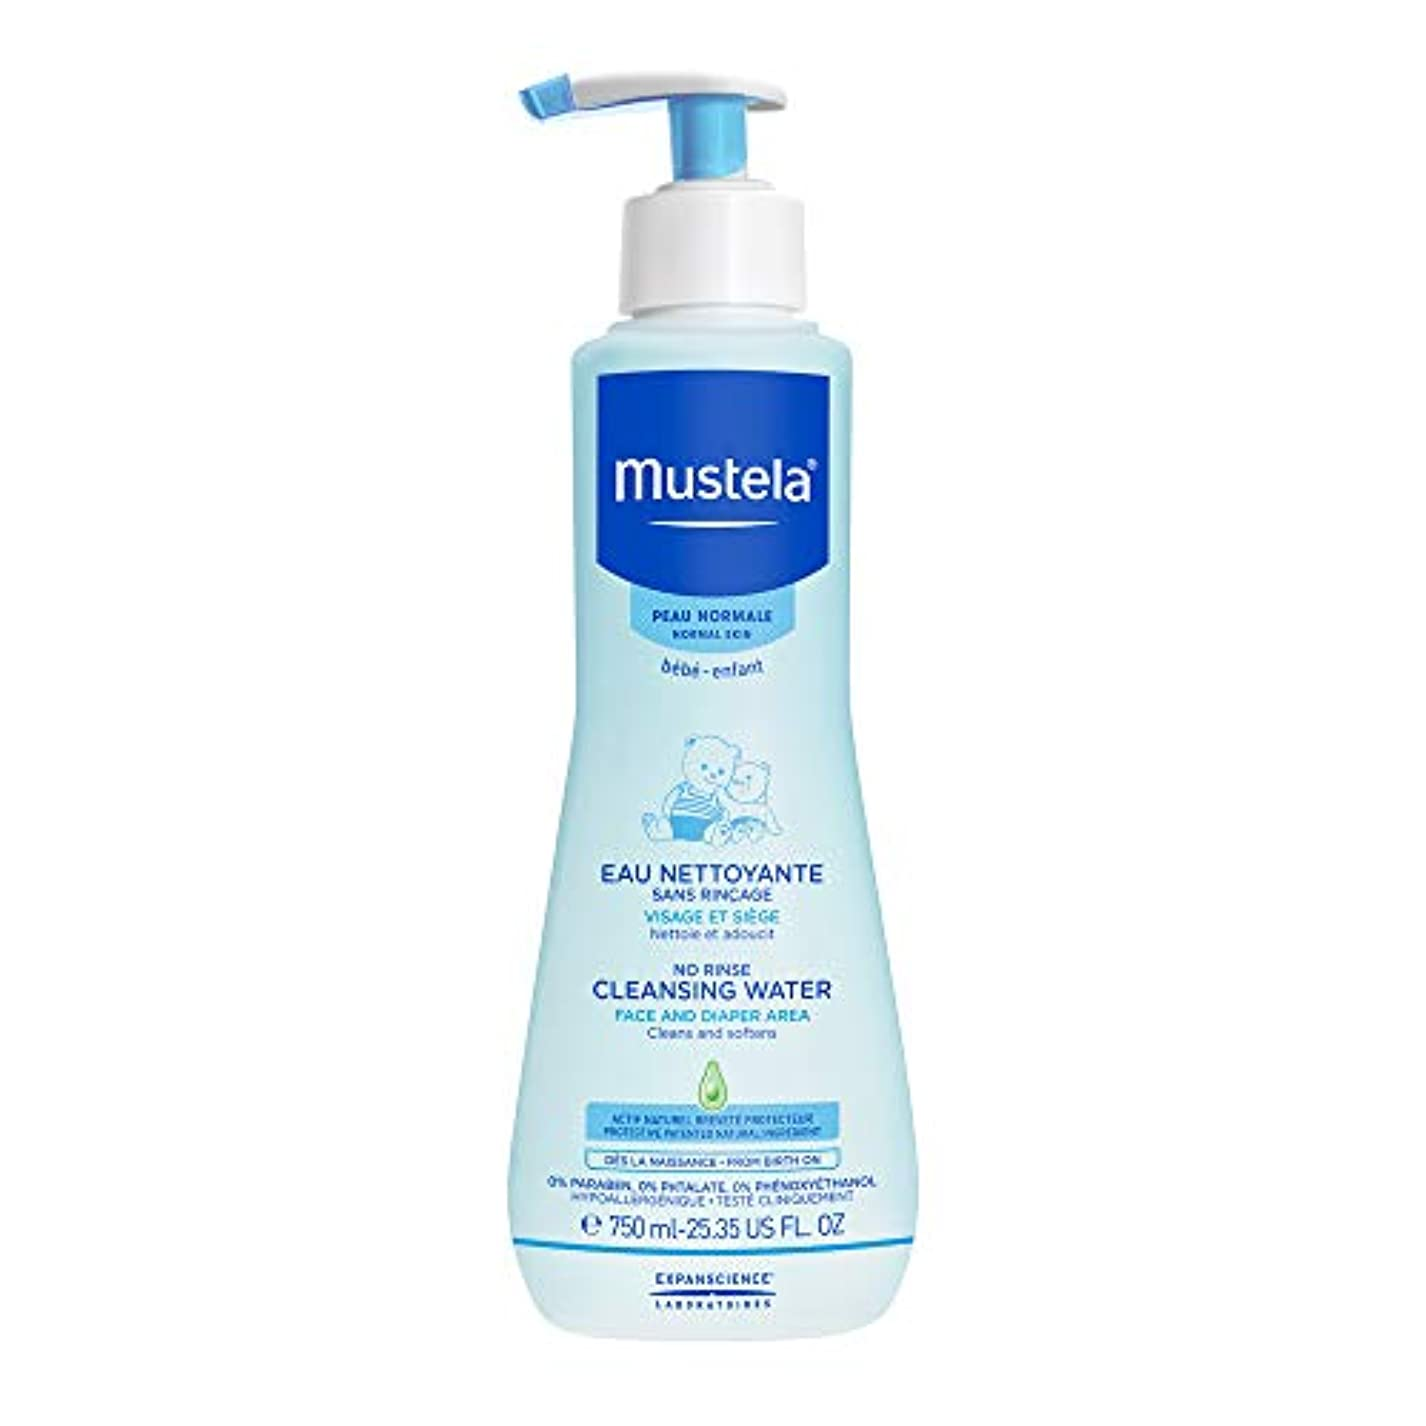 距離立場こどもセンタームステラ No Rinse Cleansing Water (Face & Diaper Area) - For Normal Skin 750ml/25.35oz並行輸入品